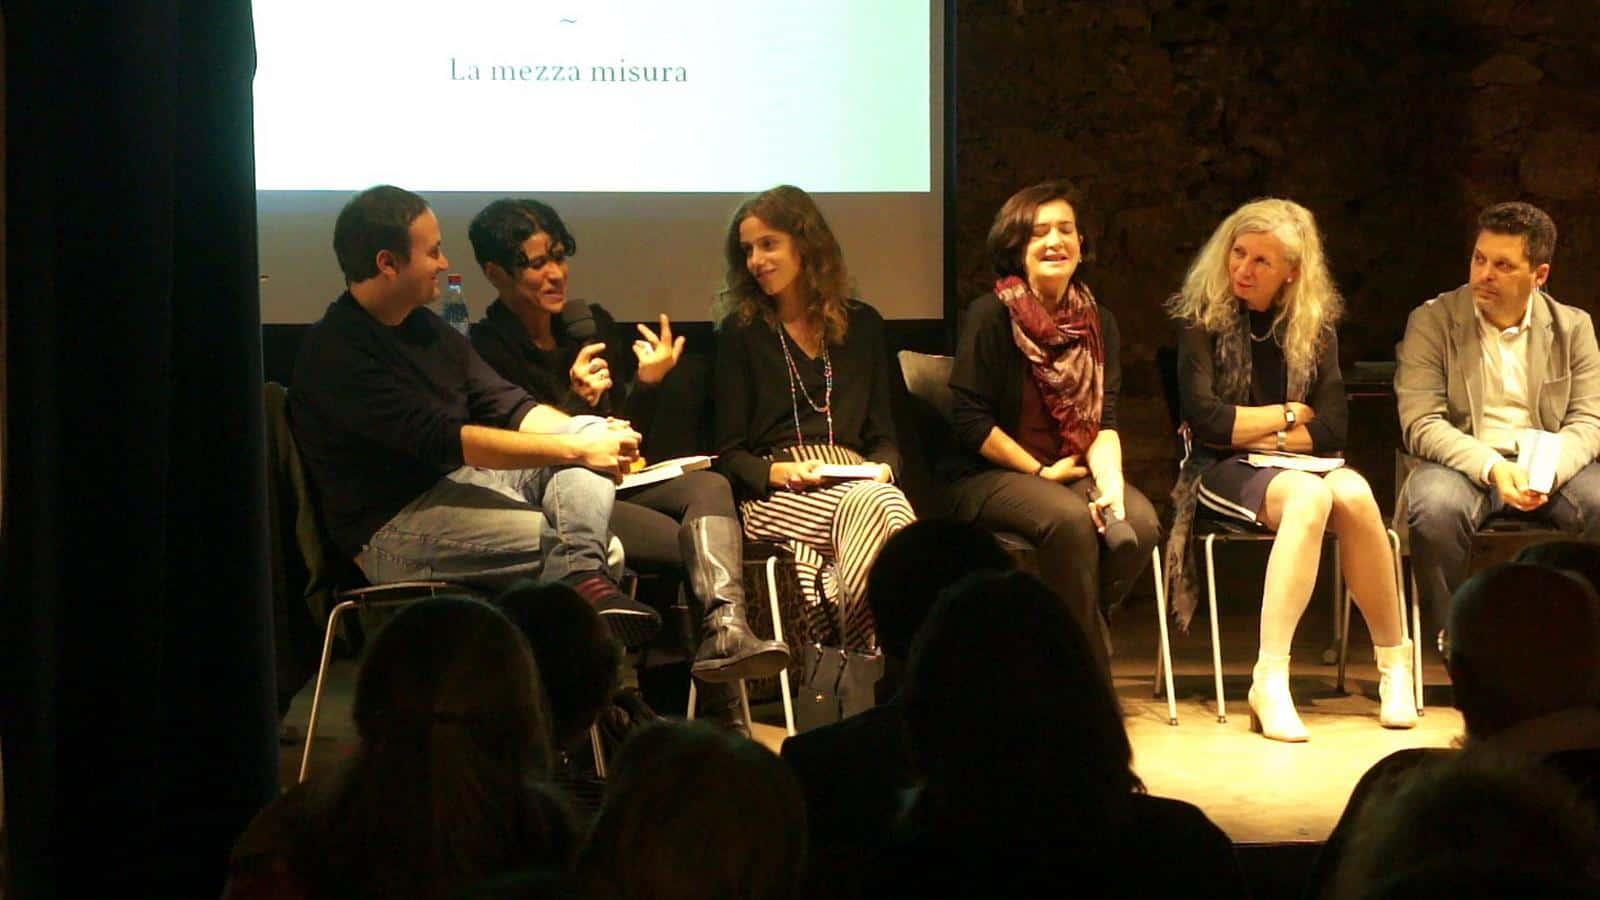 Gabriella Kuruvilla spricht über das Thema Identität